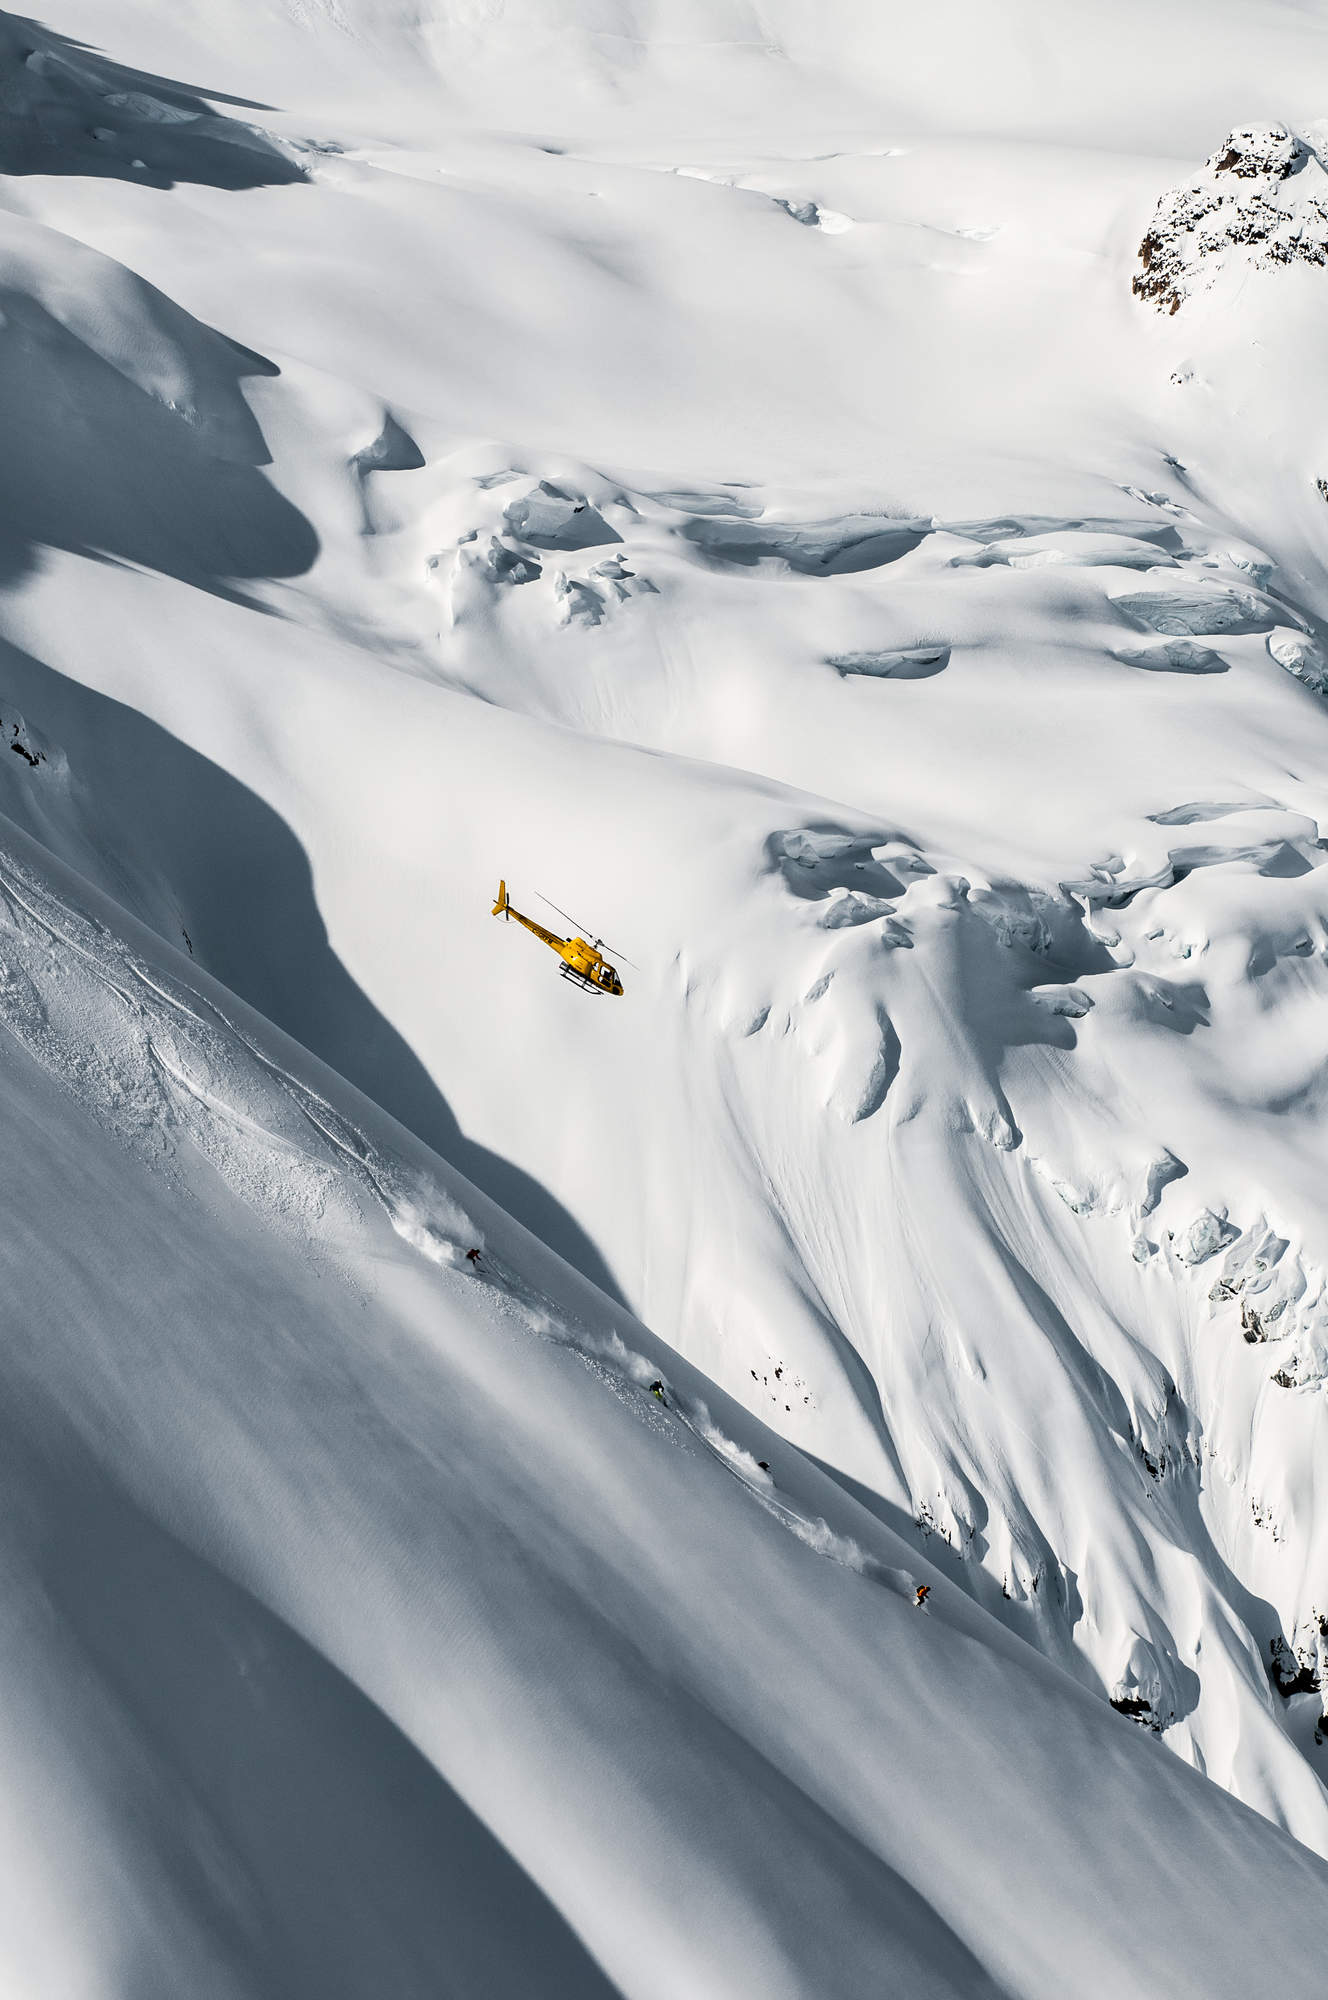 5 Heli Skiing Alpine